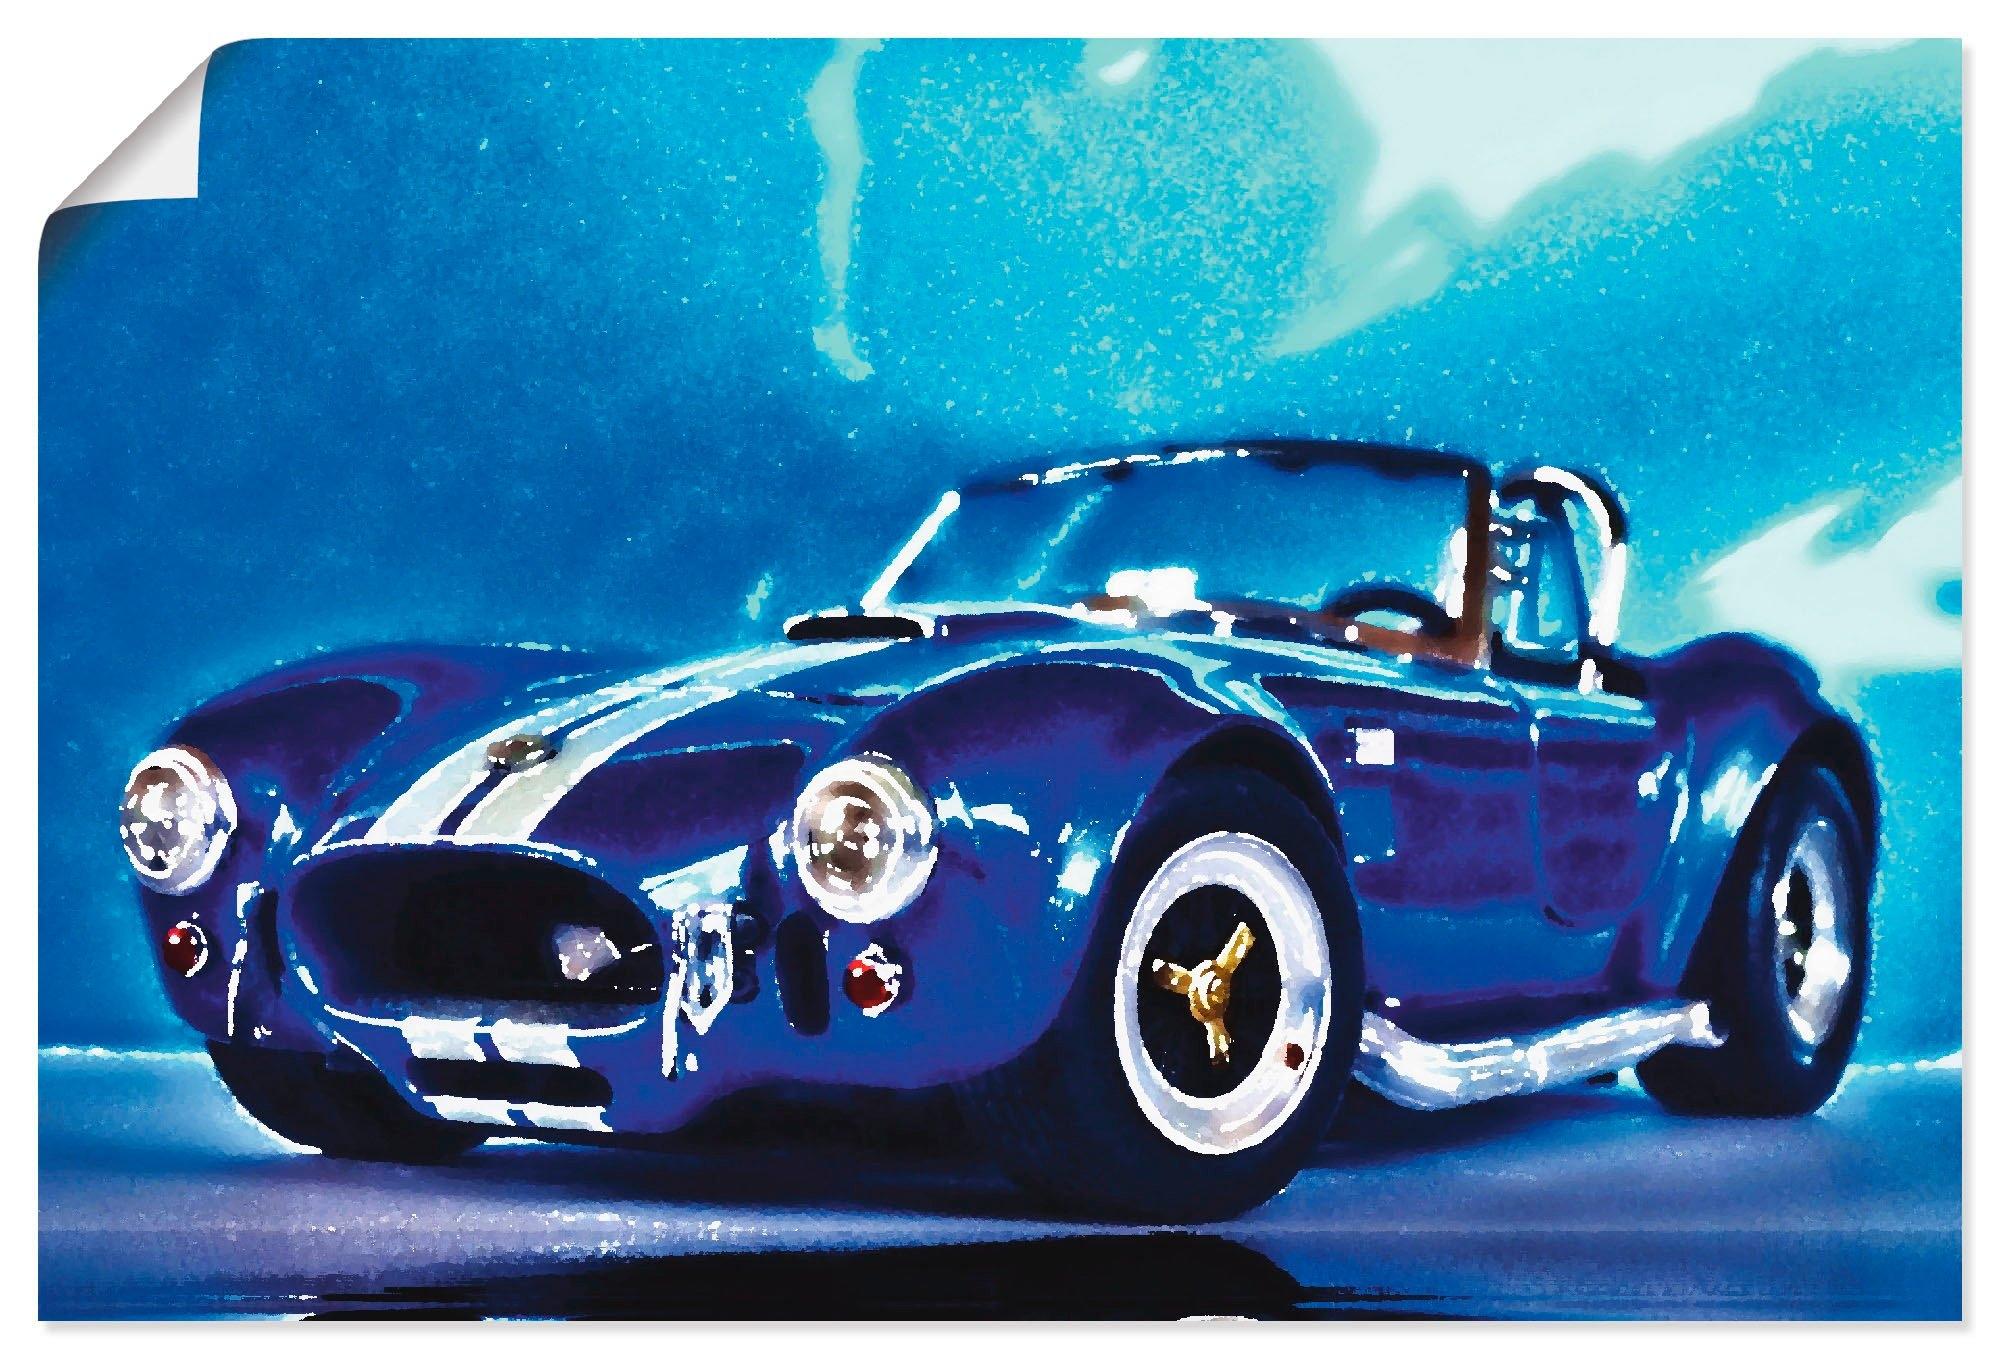 Artland artprint Shelby Cobra in vele afmetingen & productsoorten - artprint van aluminium / artprint voor buiten, artprint op linnen, poster, muursticker / wandfolie ook geschikt voor de badkamer (1 stuk) nu online bestellen